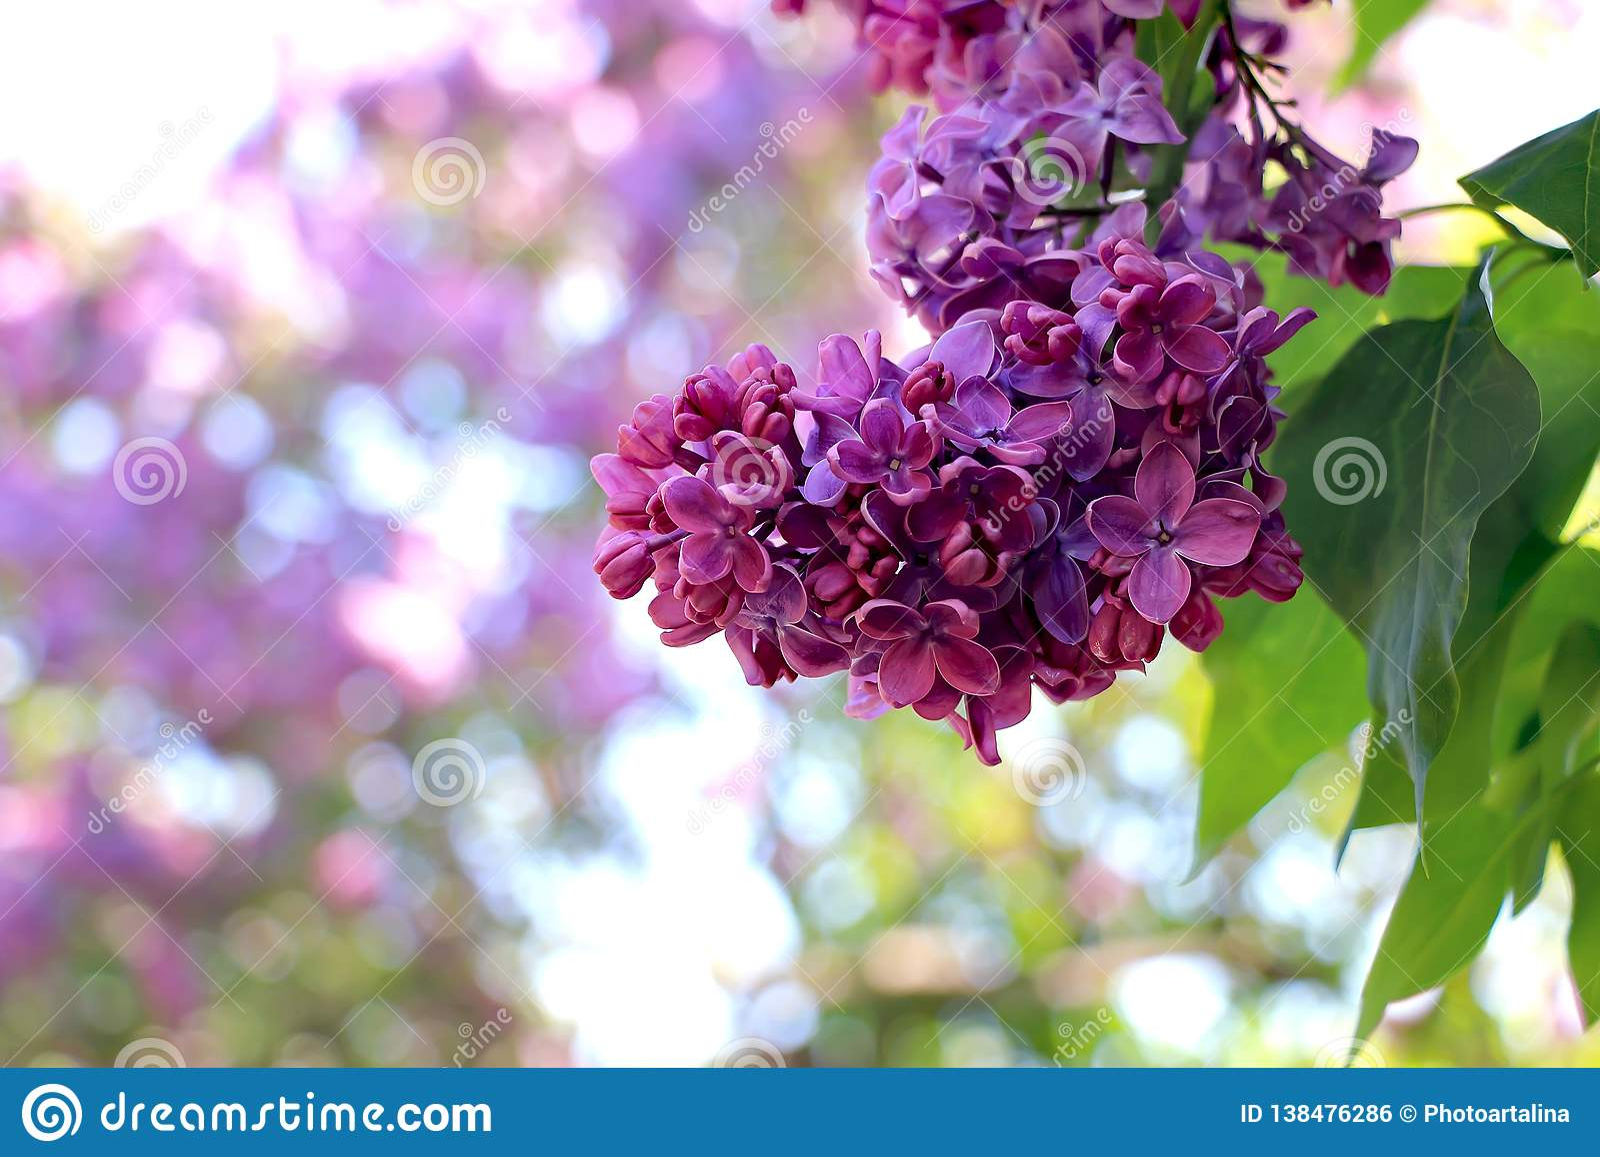 Fleurs Lilas Dans Le Jardin Début Mai Photo stock - Image du ...